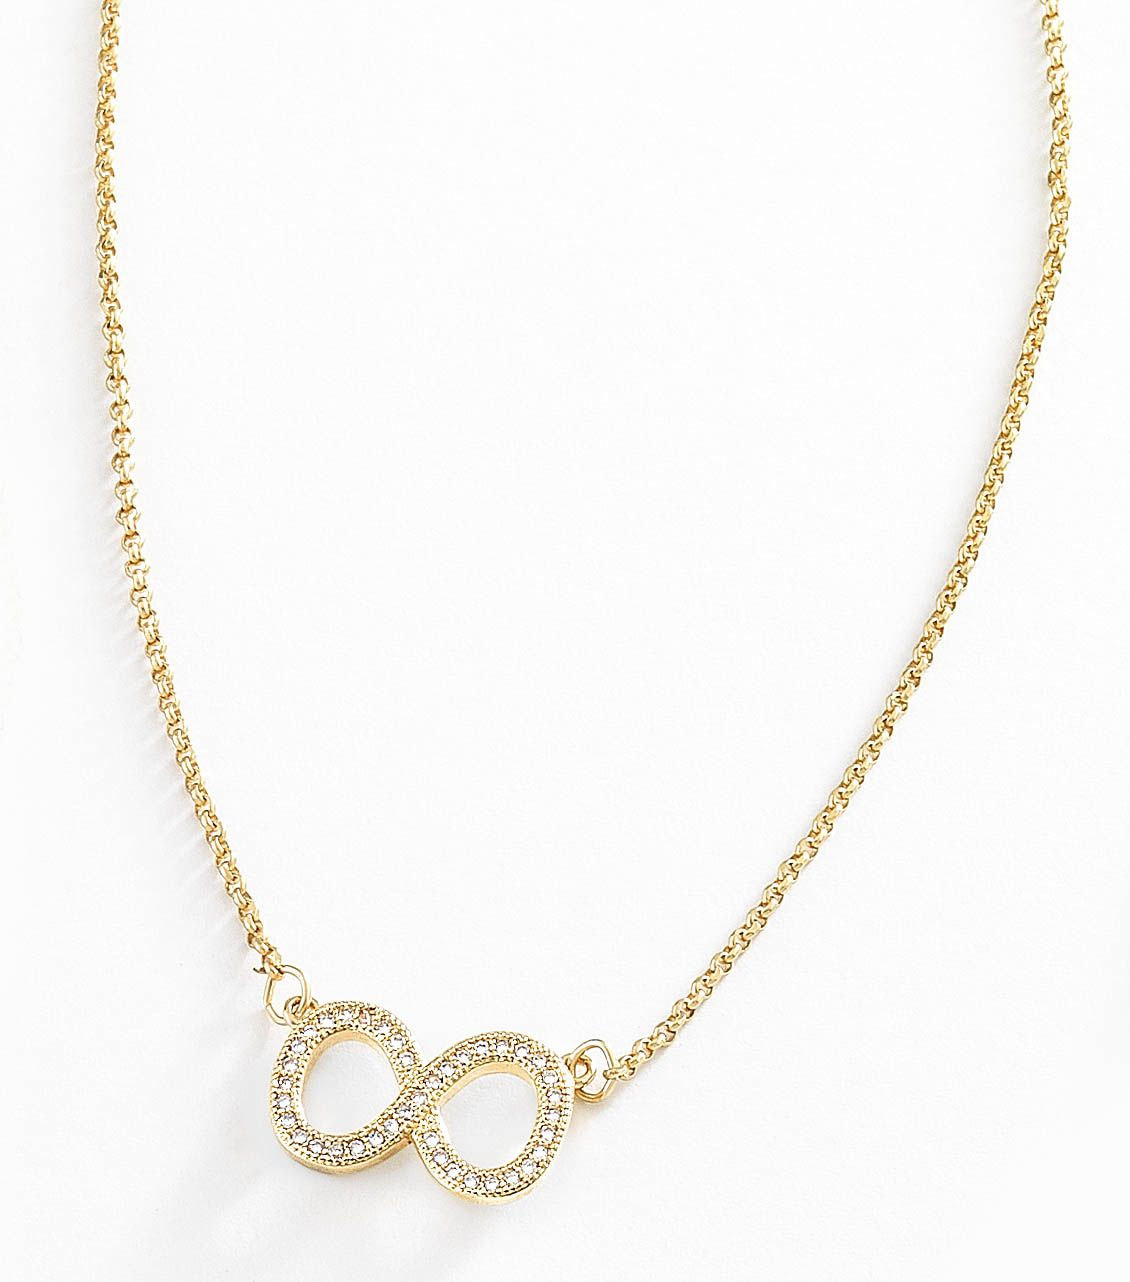 deece7db38c0 Distinguido collar con cadena elaborado con 4 baños de oro de 18 kt con  dije infinito con hermosas piedras de cristal Diamonice®. Modelo 415251.